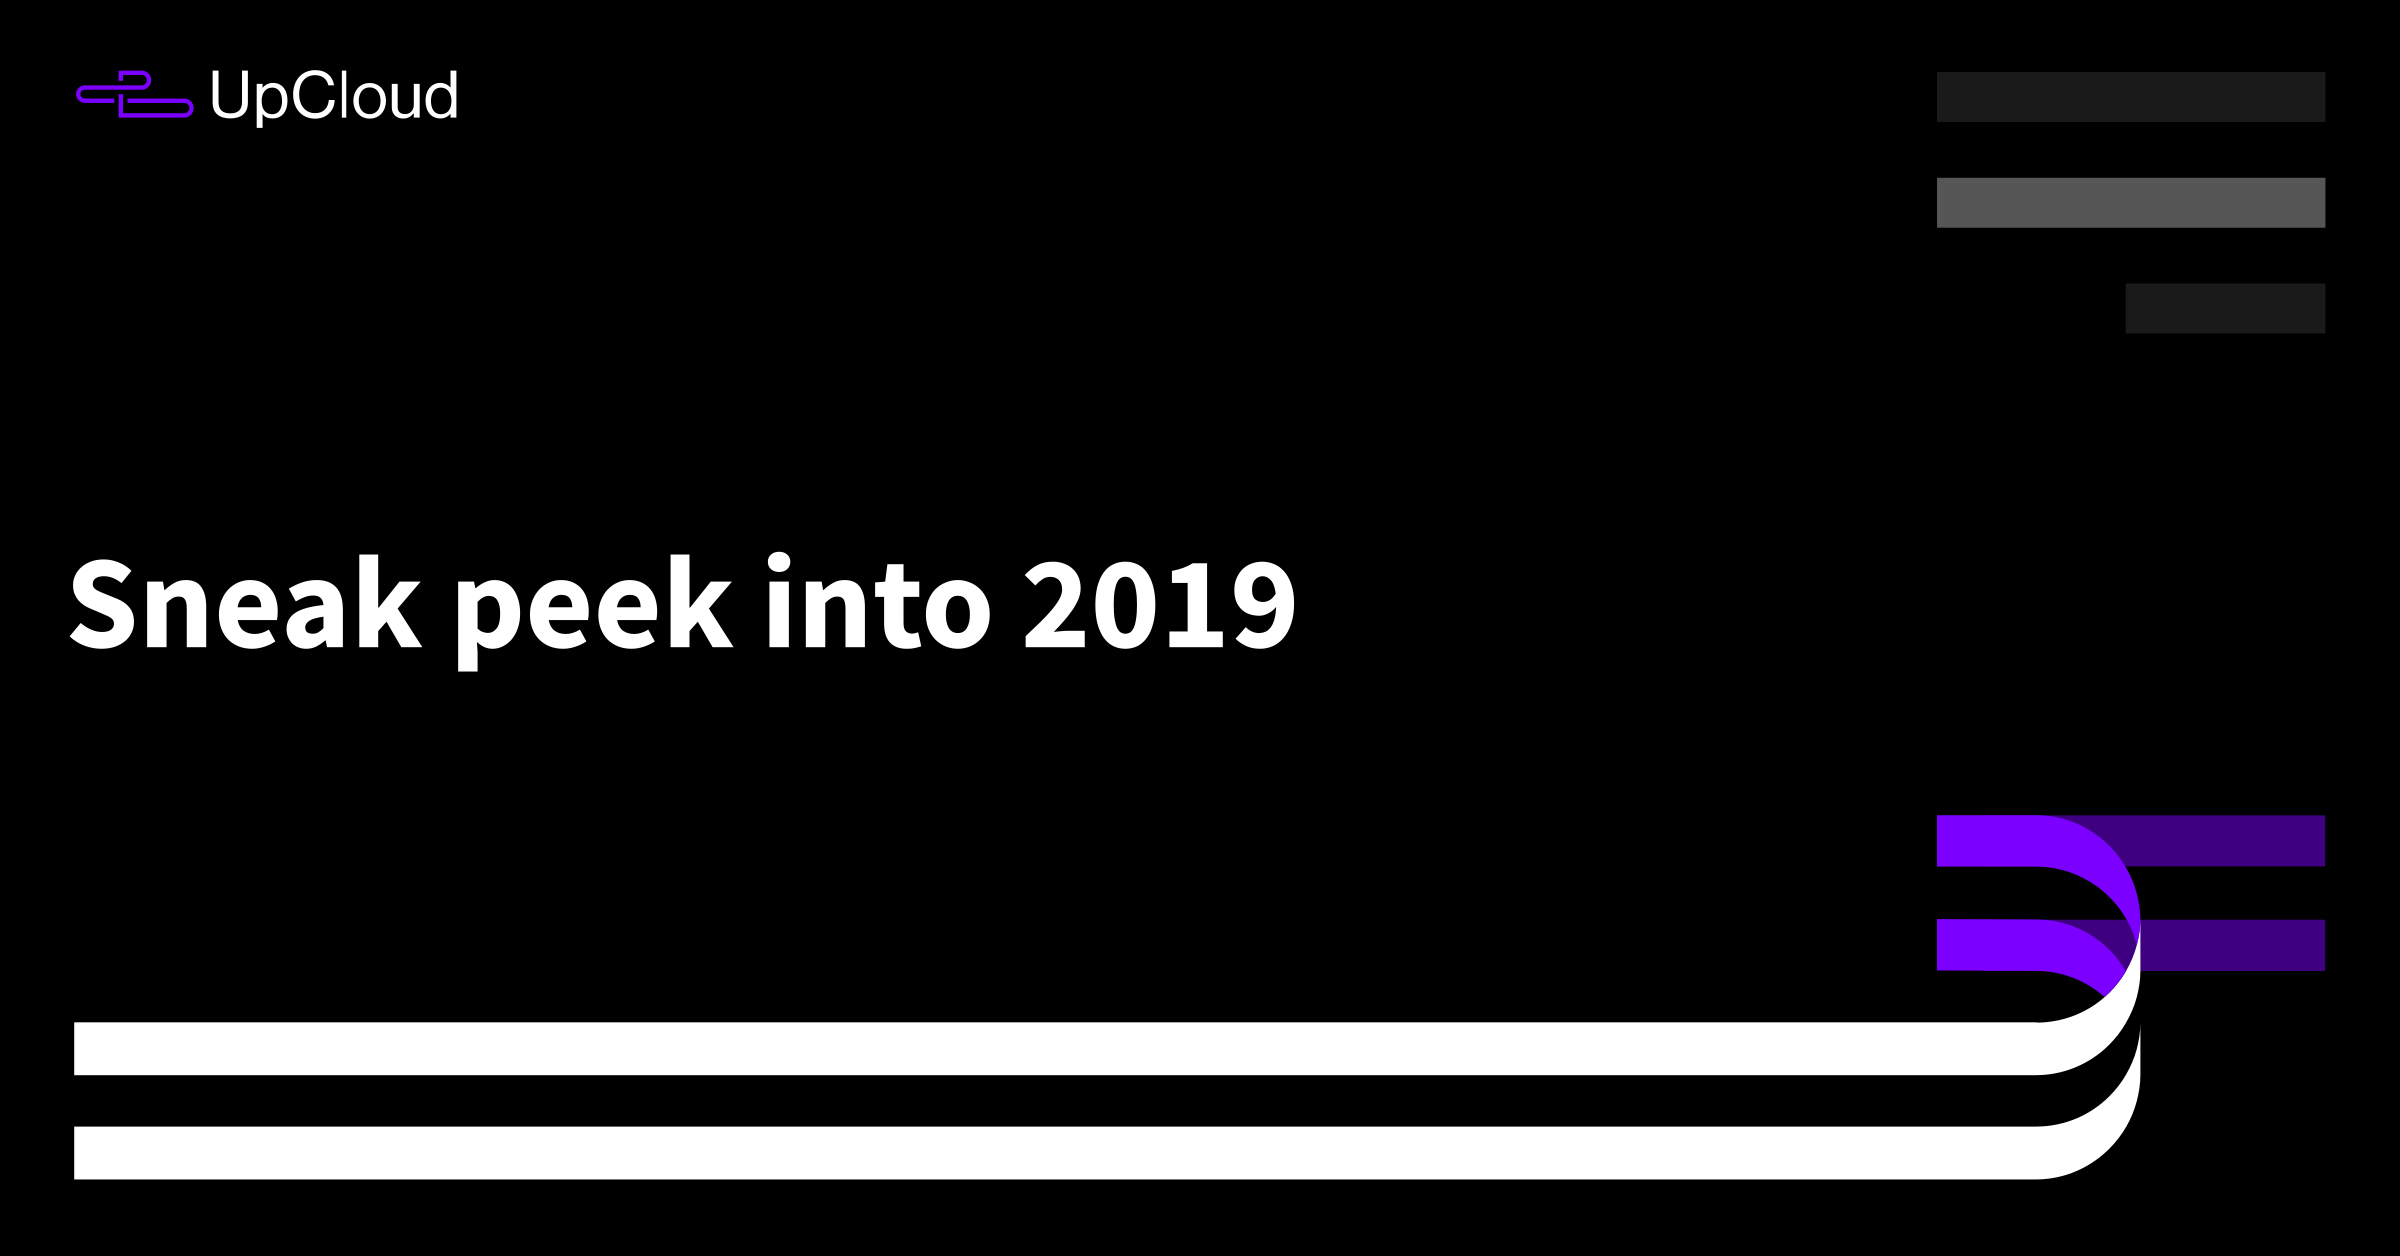 Sneak peek into 2019